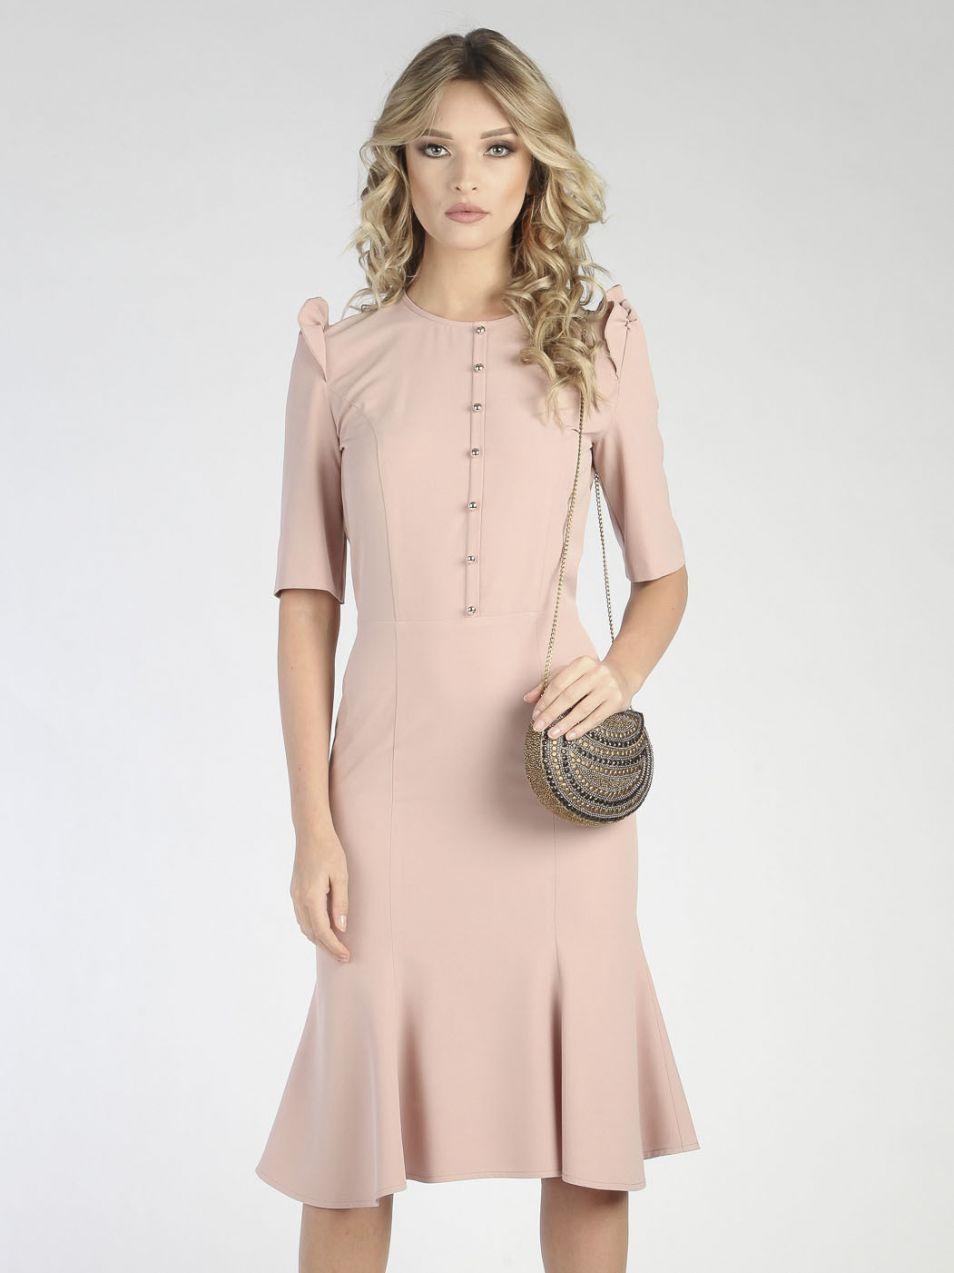 Grazia Dámske šaty GR17S PFD1002 LIGHT PINK značky Grazia - Lovely.sk 308c3302a1c